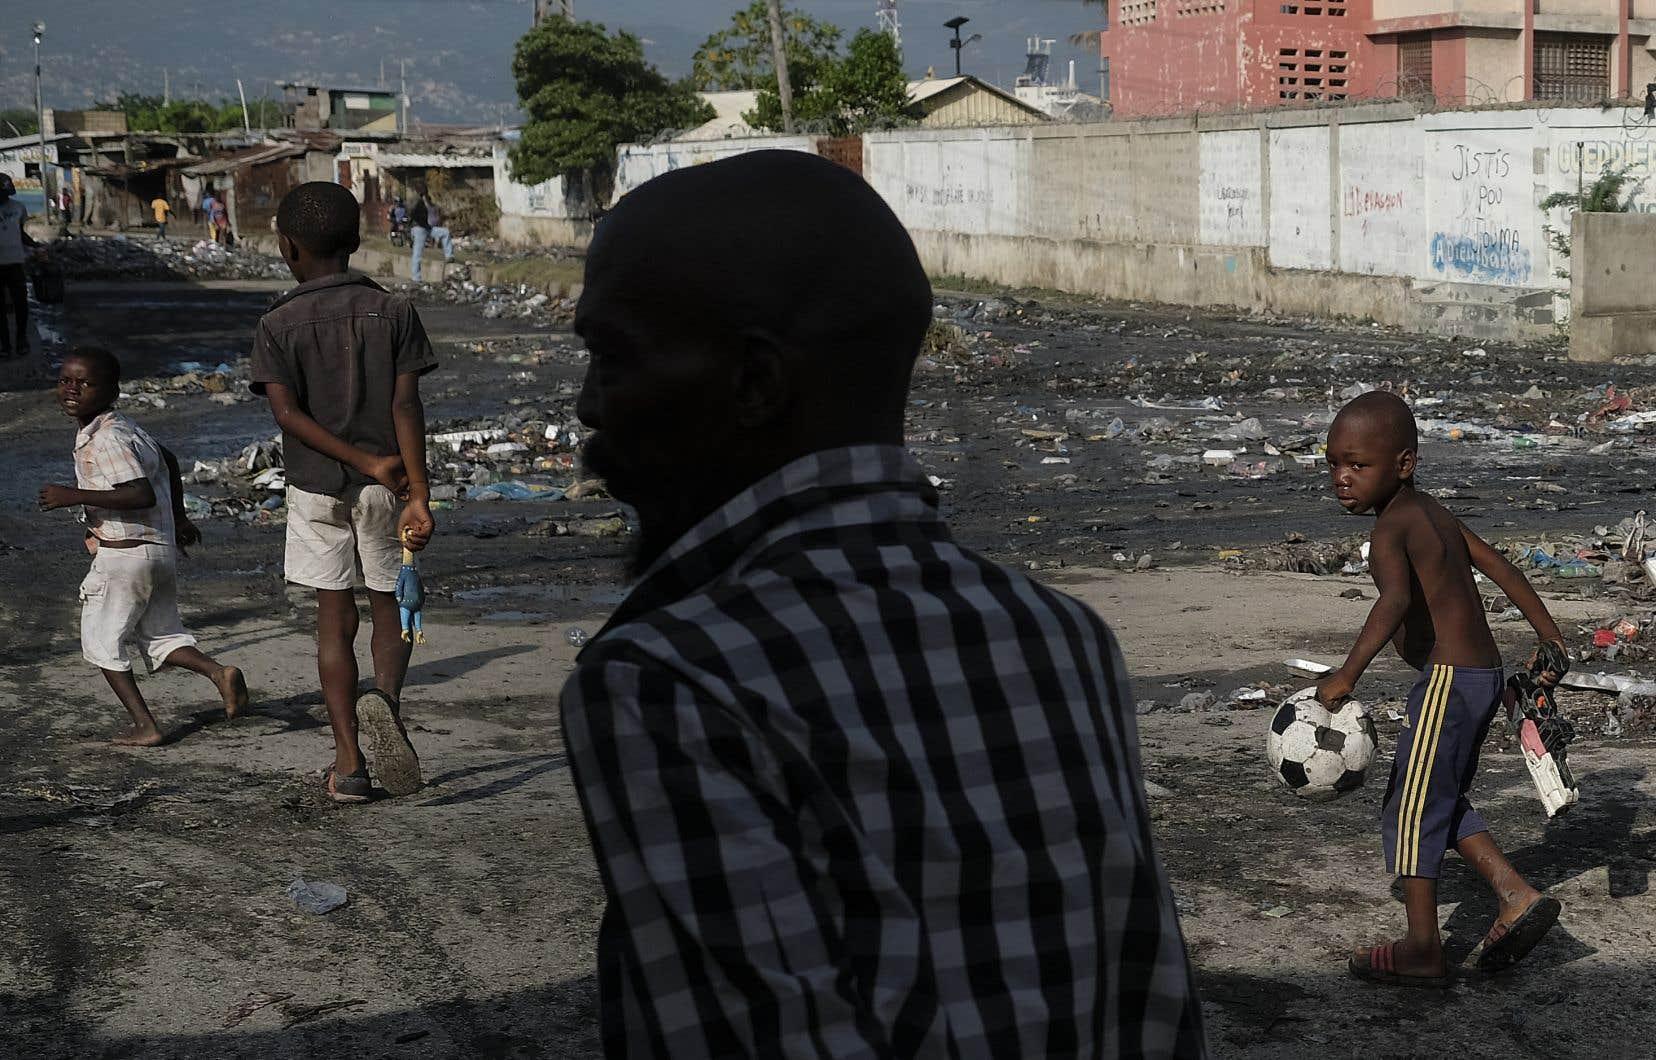 Des enfants du quartier La Saline, à Port-au-Prince. Selon les auteurs, le consensus et l'entente devront prendre une importance centrale à Haïti pour sortir de la crise.